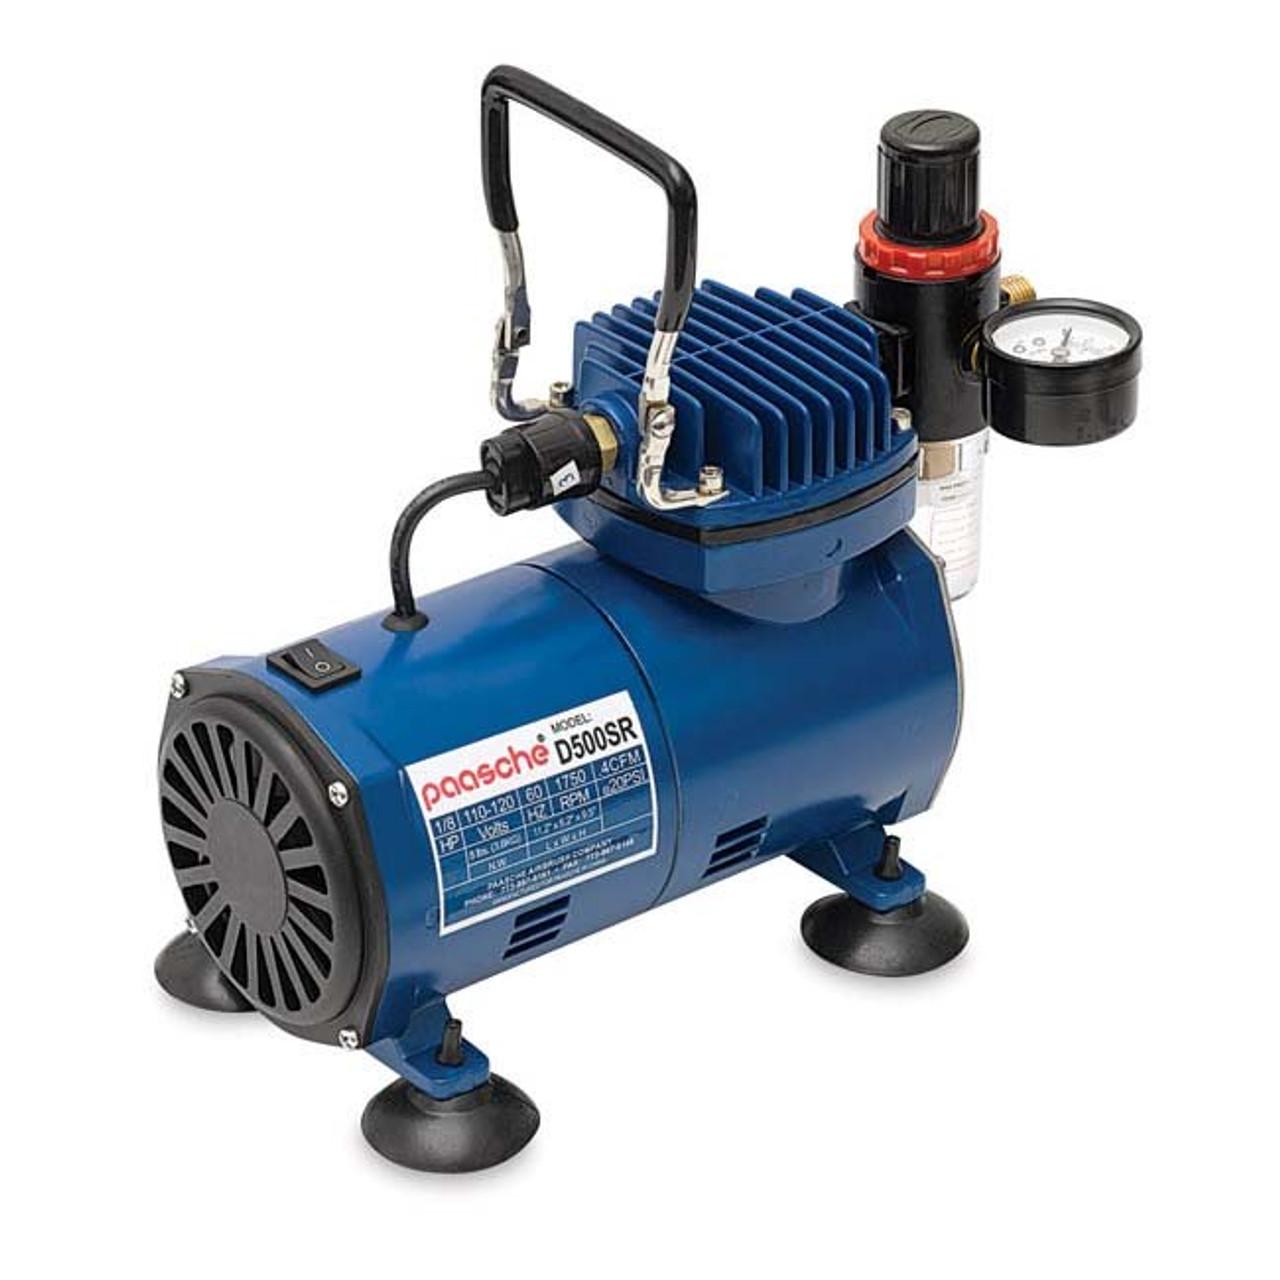 Paasche D500 Air Compressor - Artist & Craftsman Supply